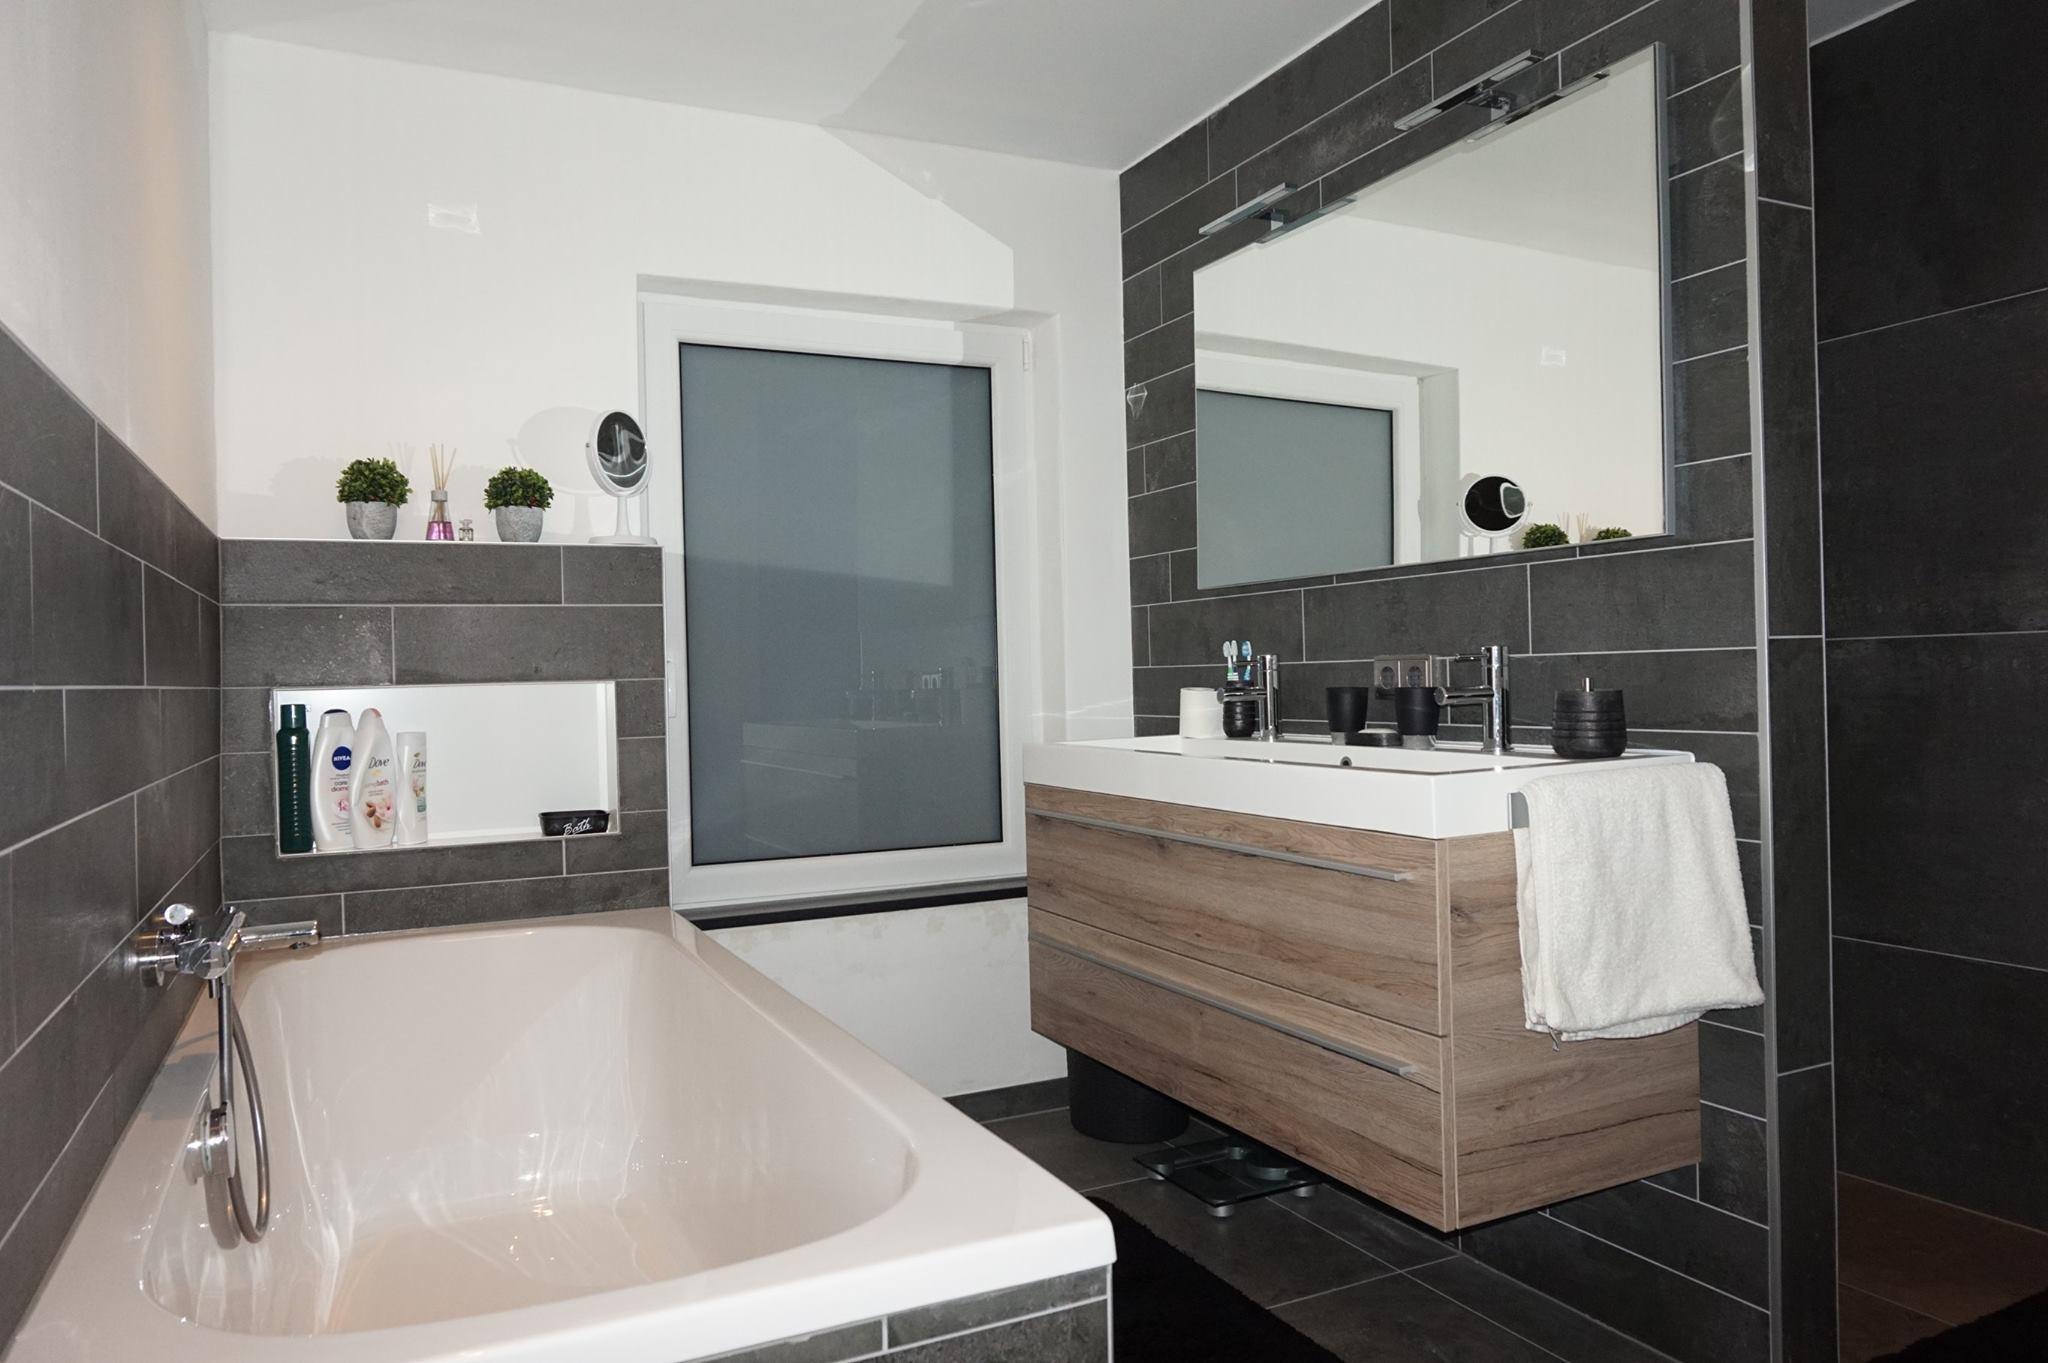 Gestucte Badkamer Nadelen : Het badkamer topic: verkopers kwaliteit prijs deel 1 wonen